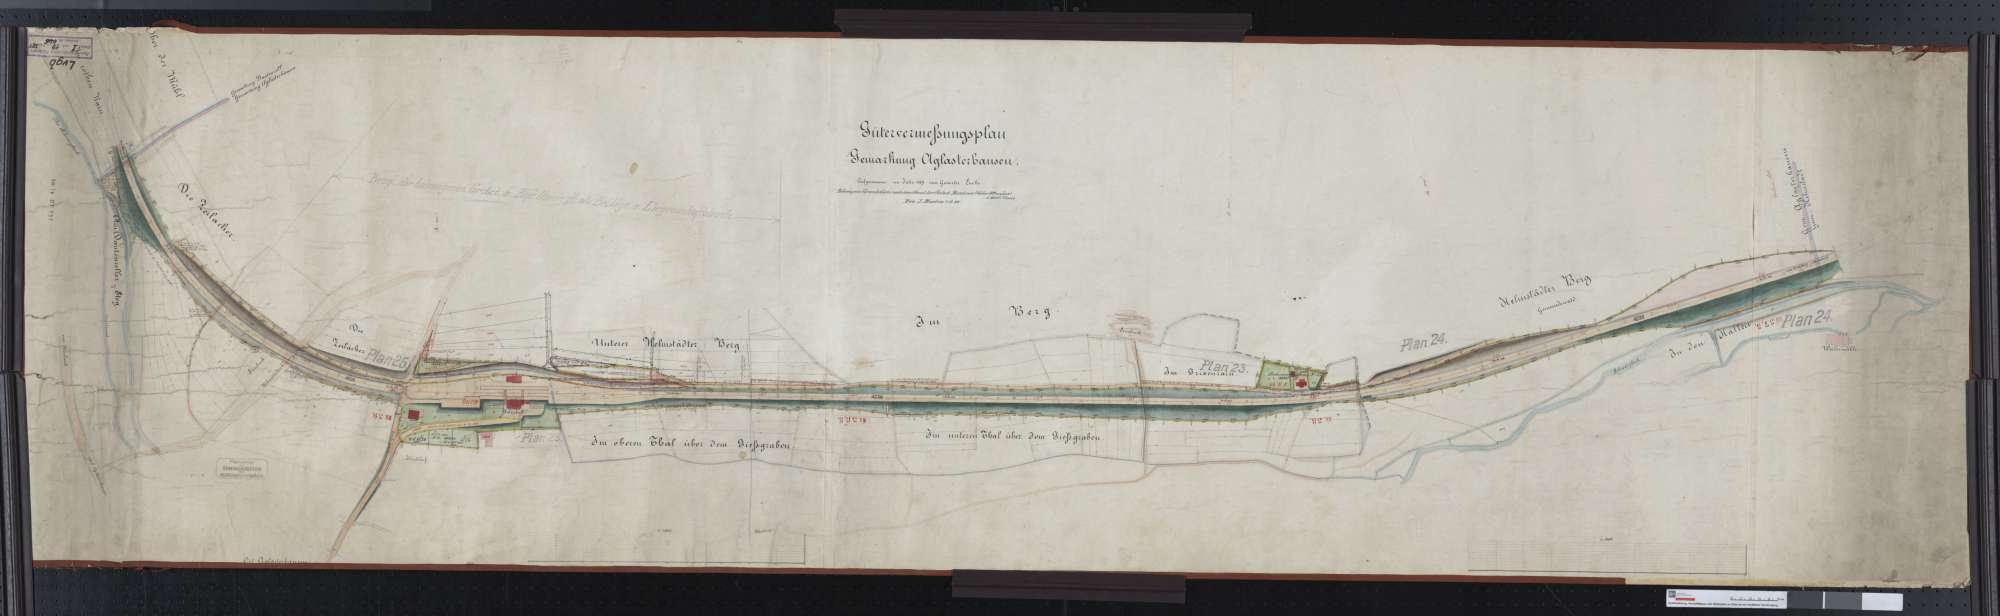 Gütervermessung der Gemarkung Aglasterhausen Streckenausschnitt: 37,4 bis 39,4 km, Bild 1